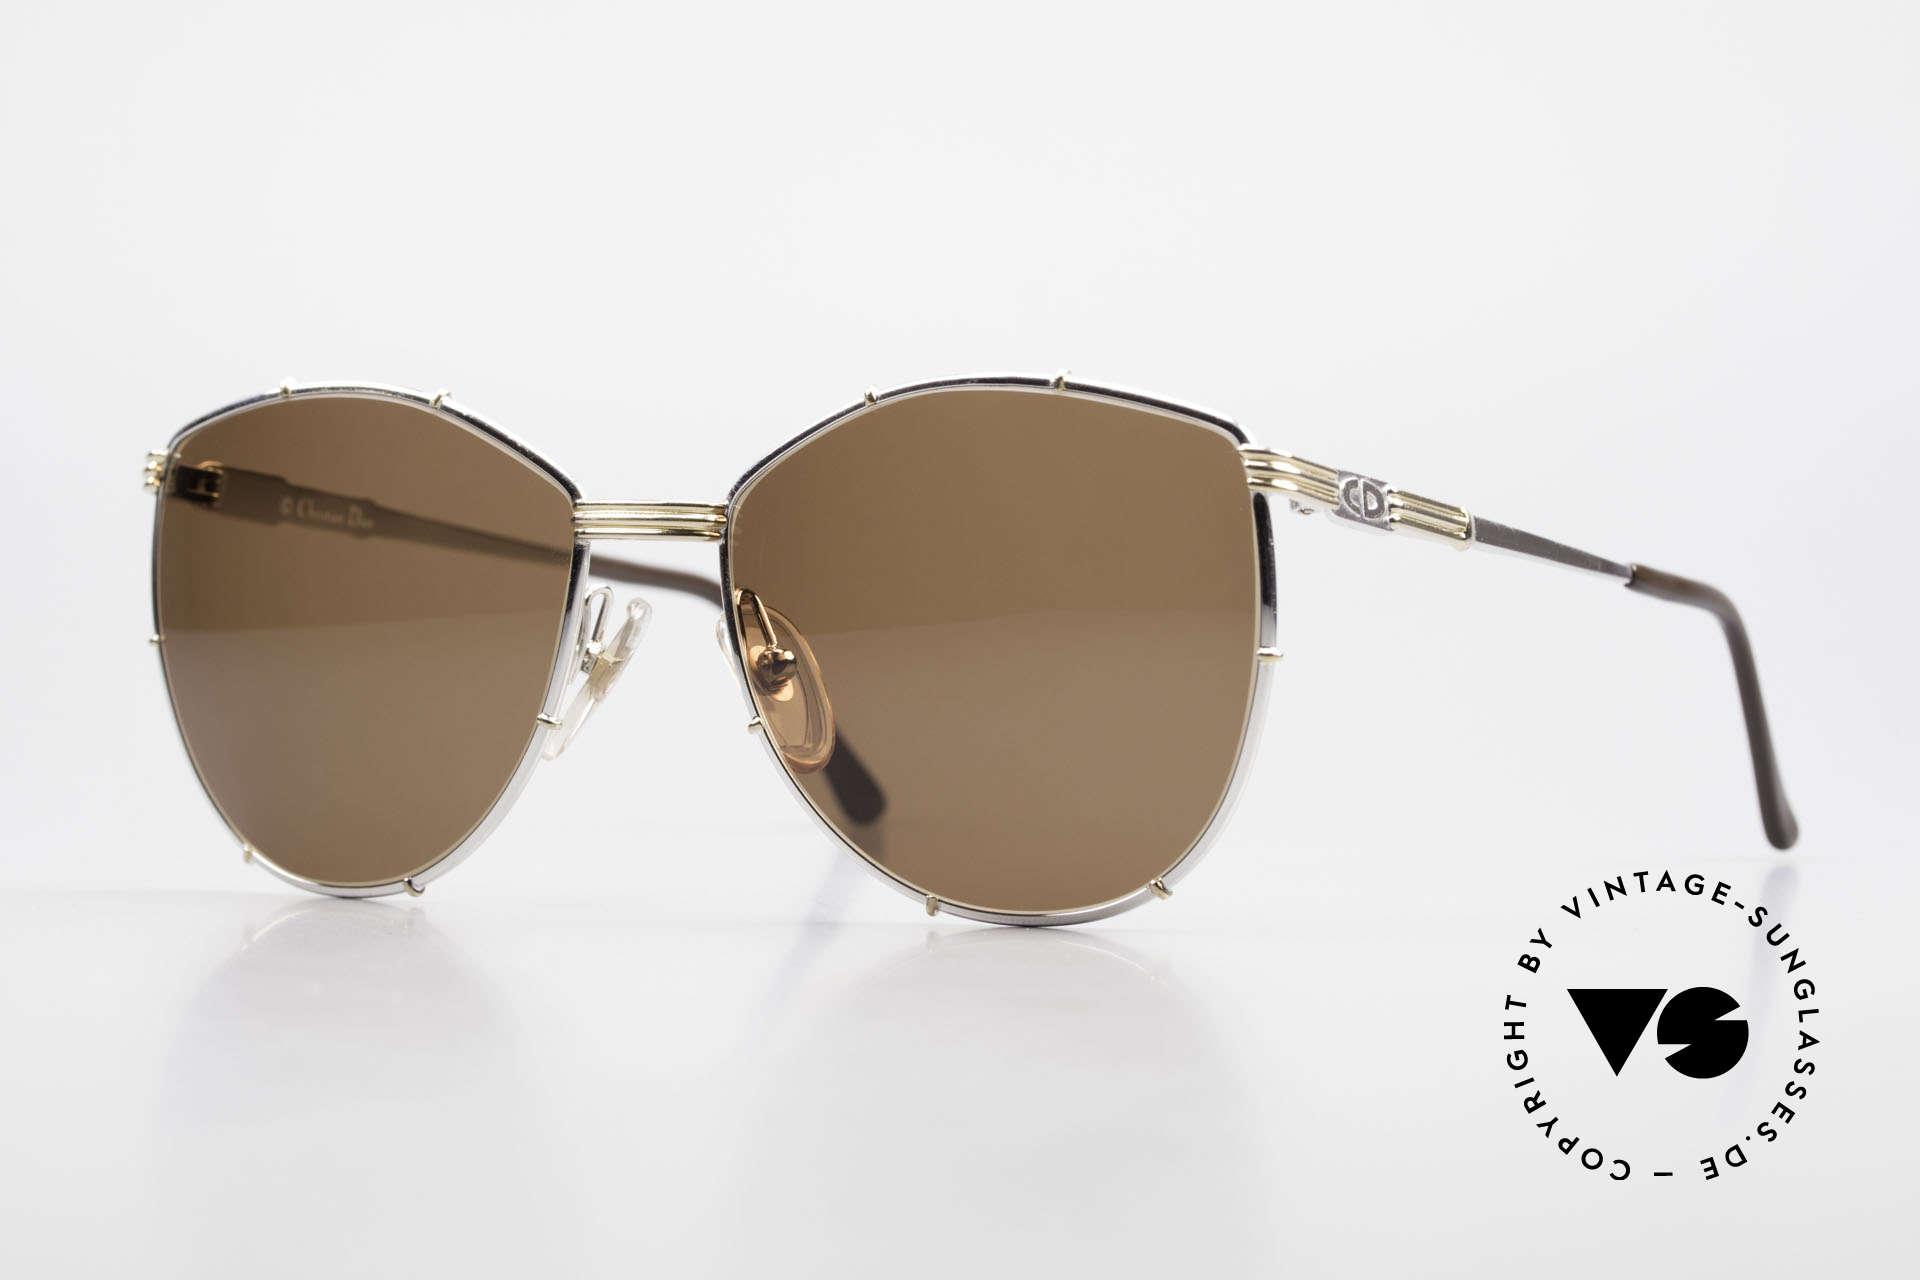 Christian Dior 2472 80er Vintage Designerbrille, Christian DIOR Designer-Sonnenbrille von 1988, Passend für Damen